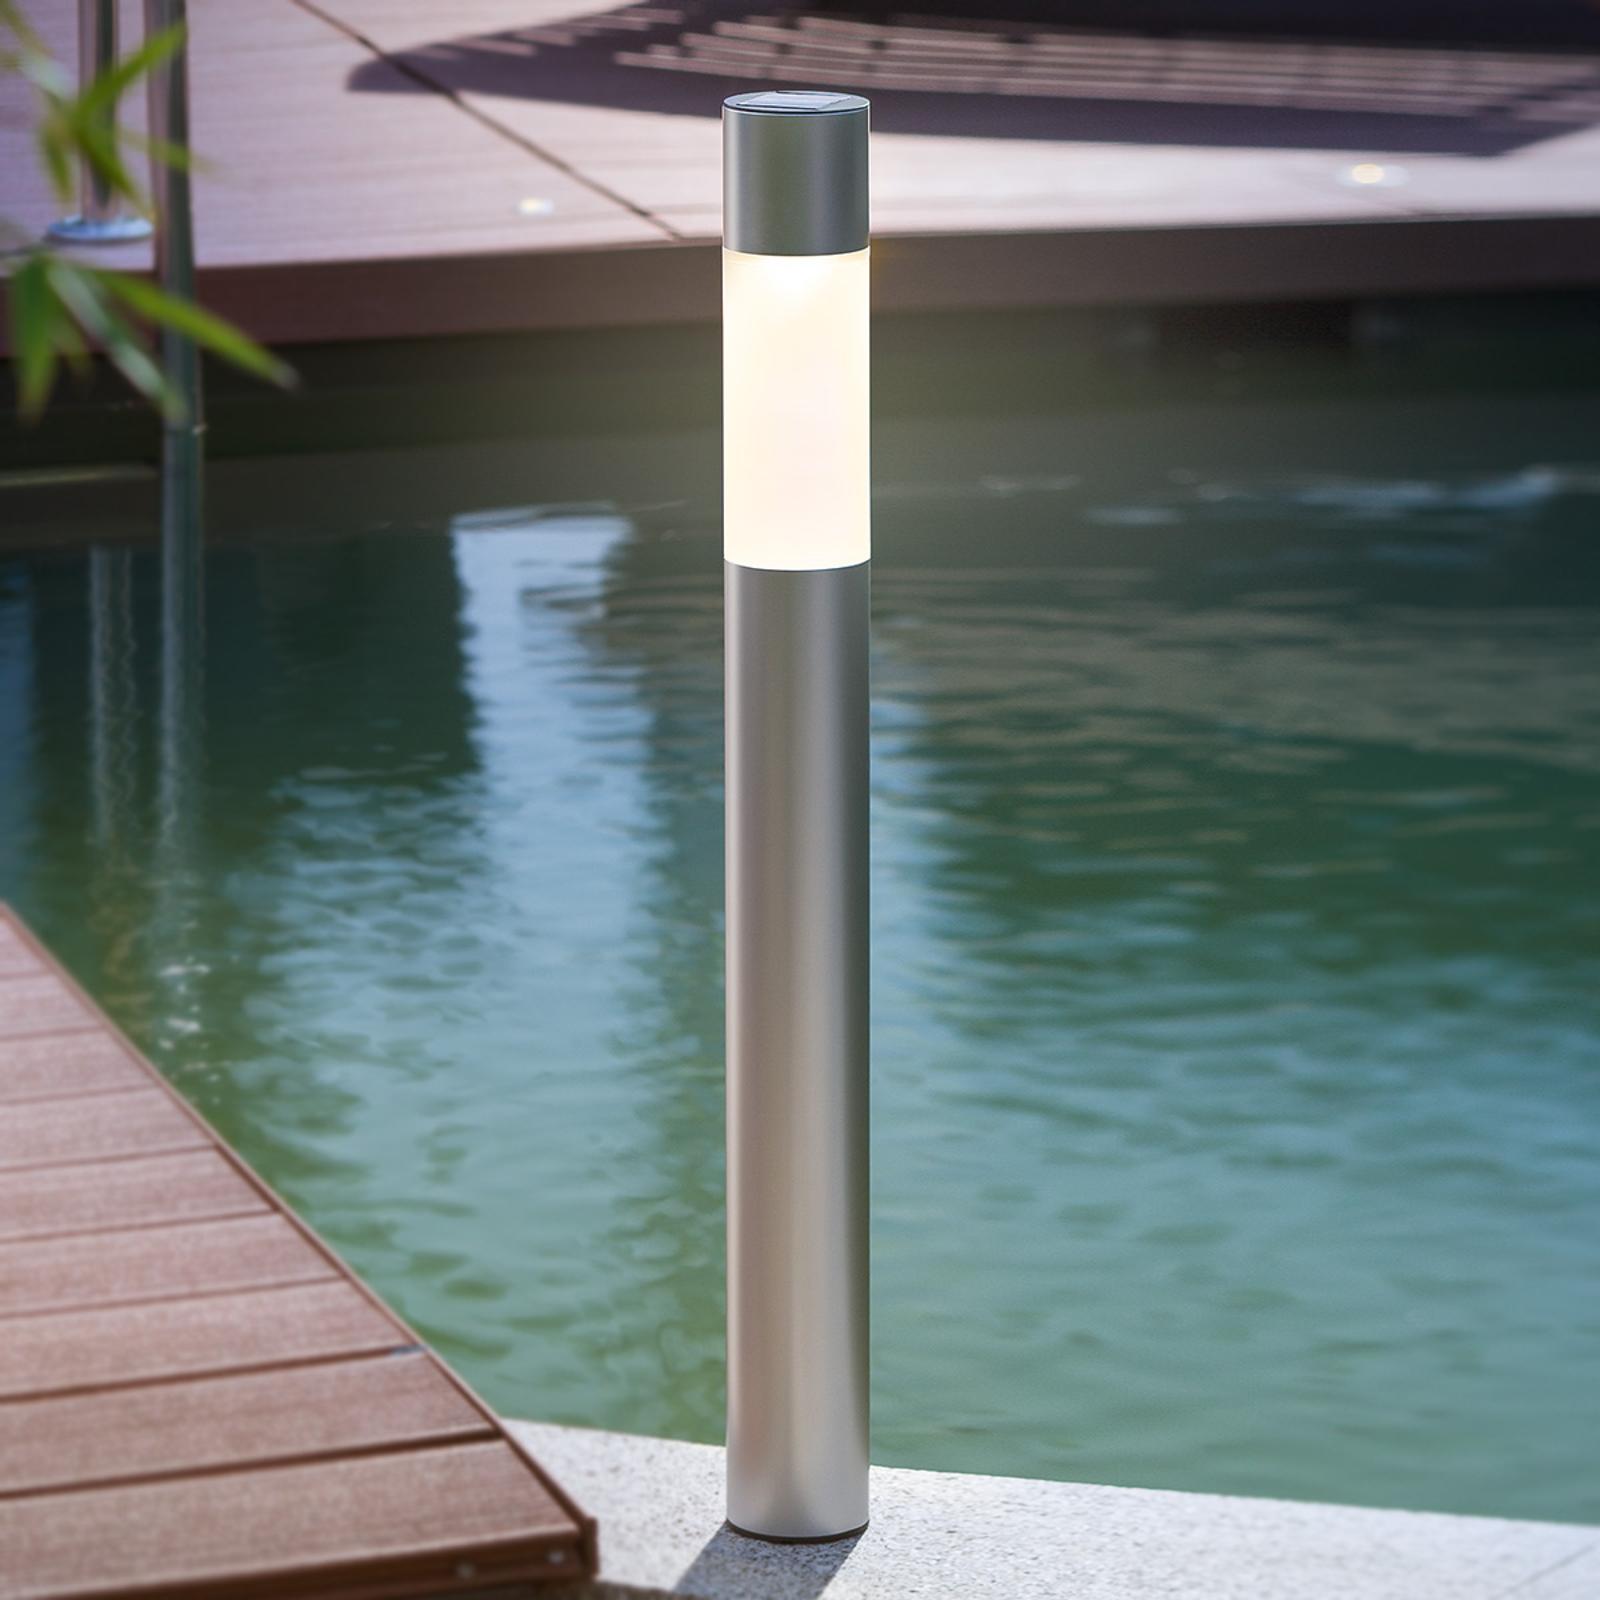 Moderná solárna LED lampa Pole Light_3012232_1